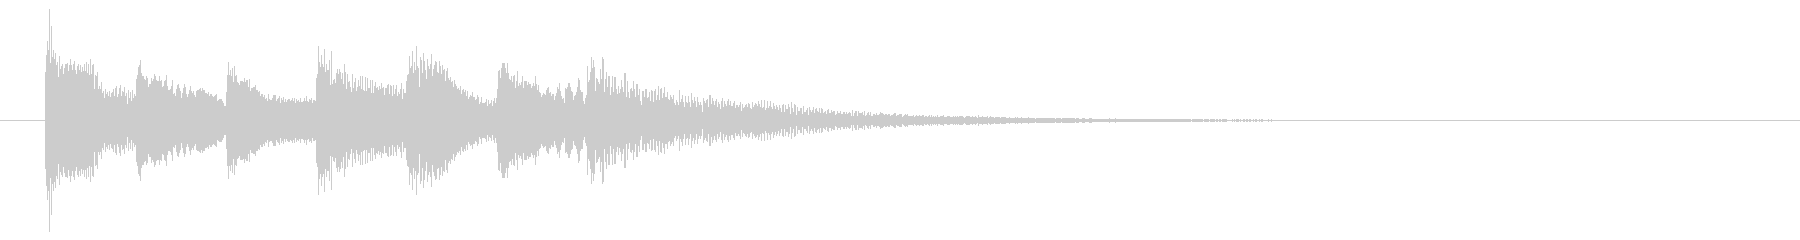 不可思議な場面転換音の未再生の波形